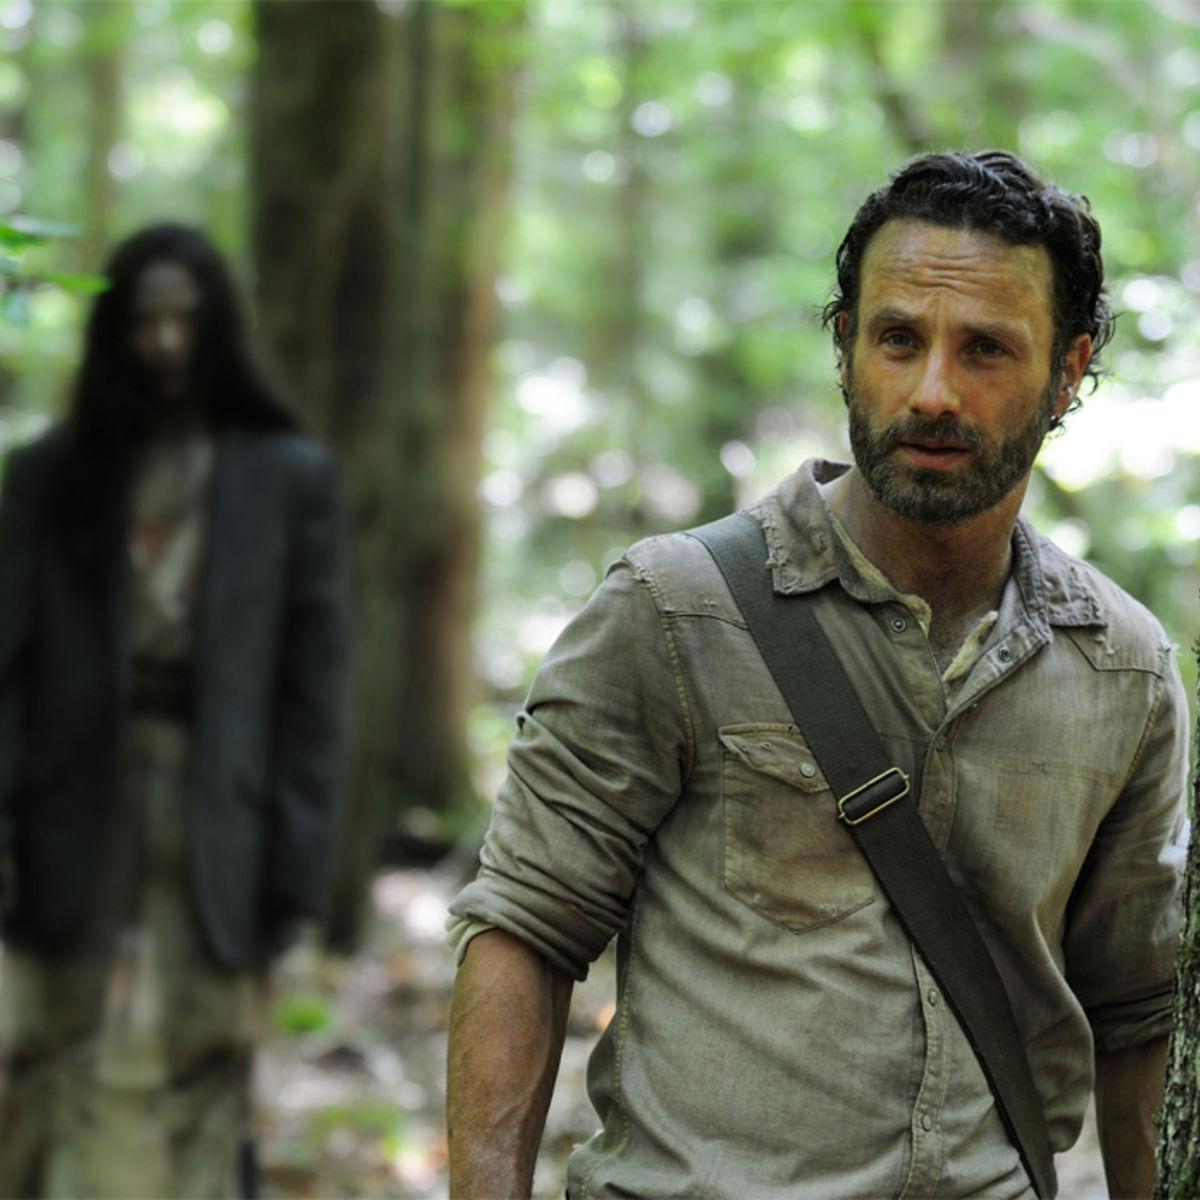 Rick-Grimes-Quarta-Temporada-de-The-Walking-Dead1.jpg